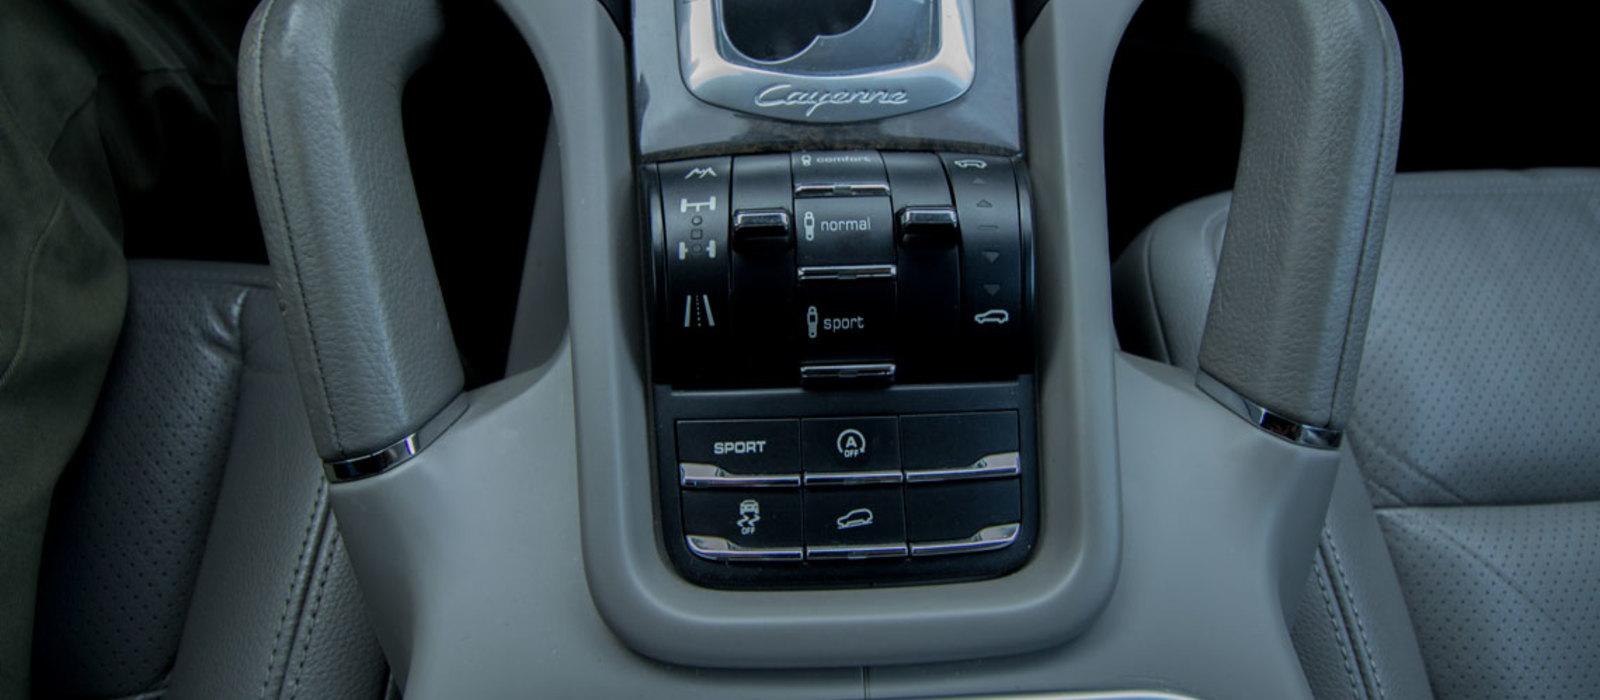 ikinci el araba 2011 Porsche Cayenne Diesel Dizel Otomatik 136588 KM 4